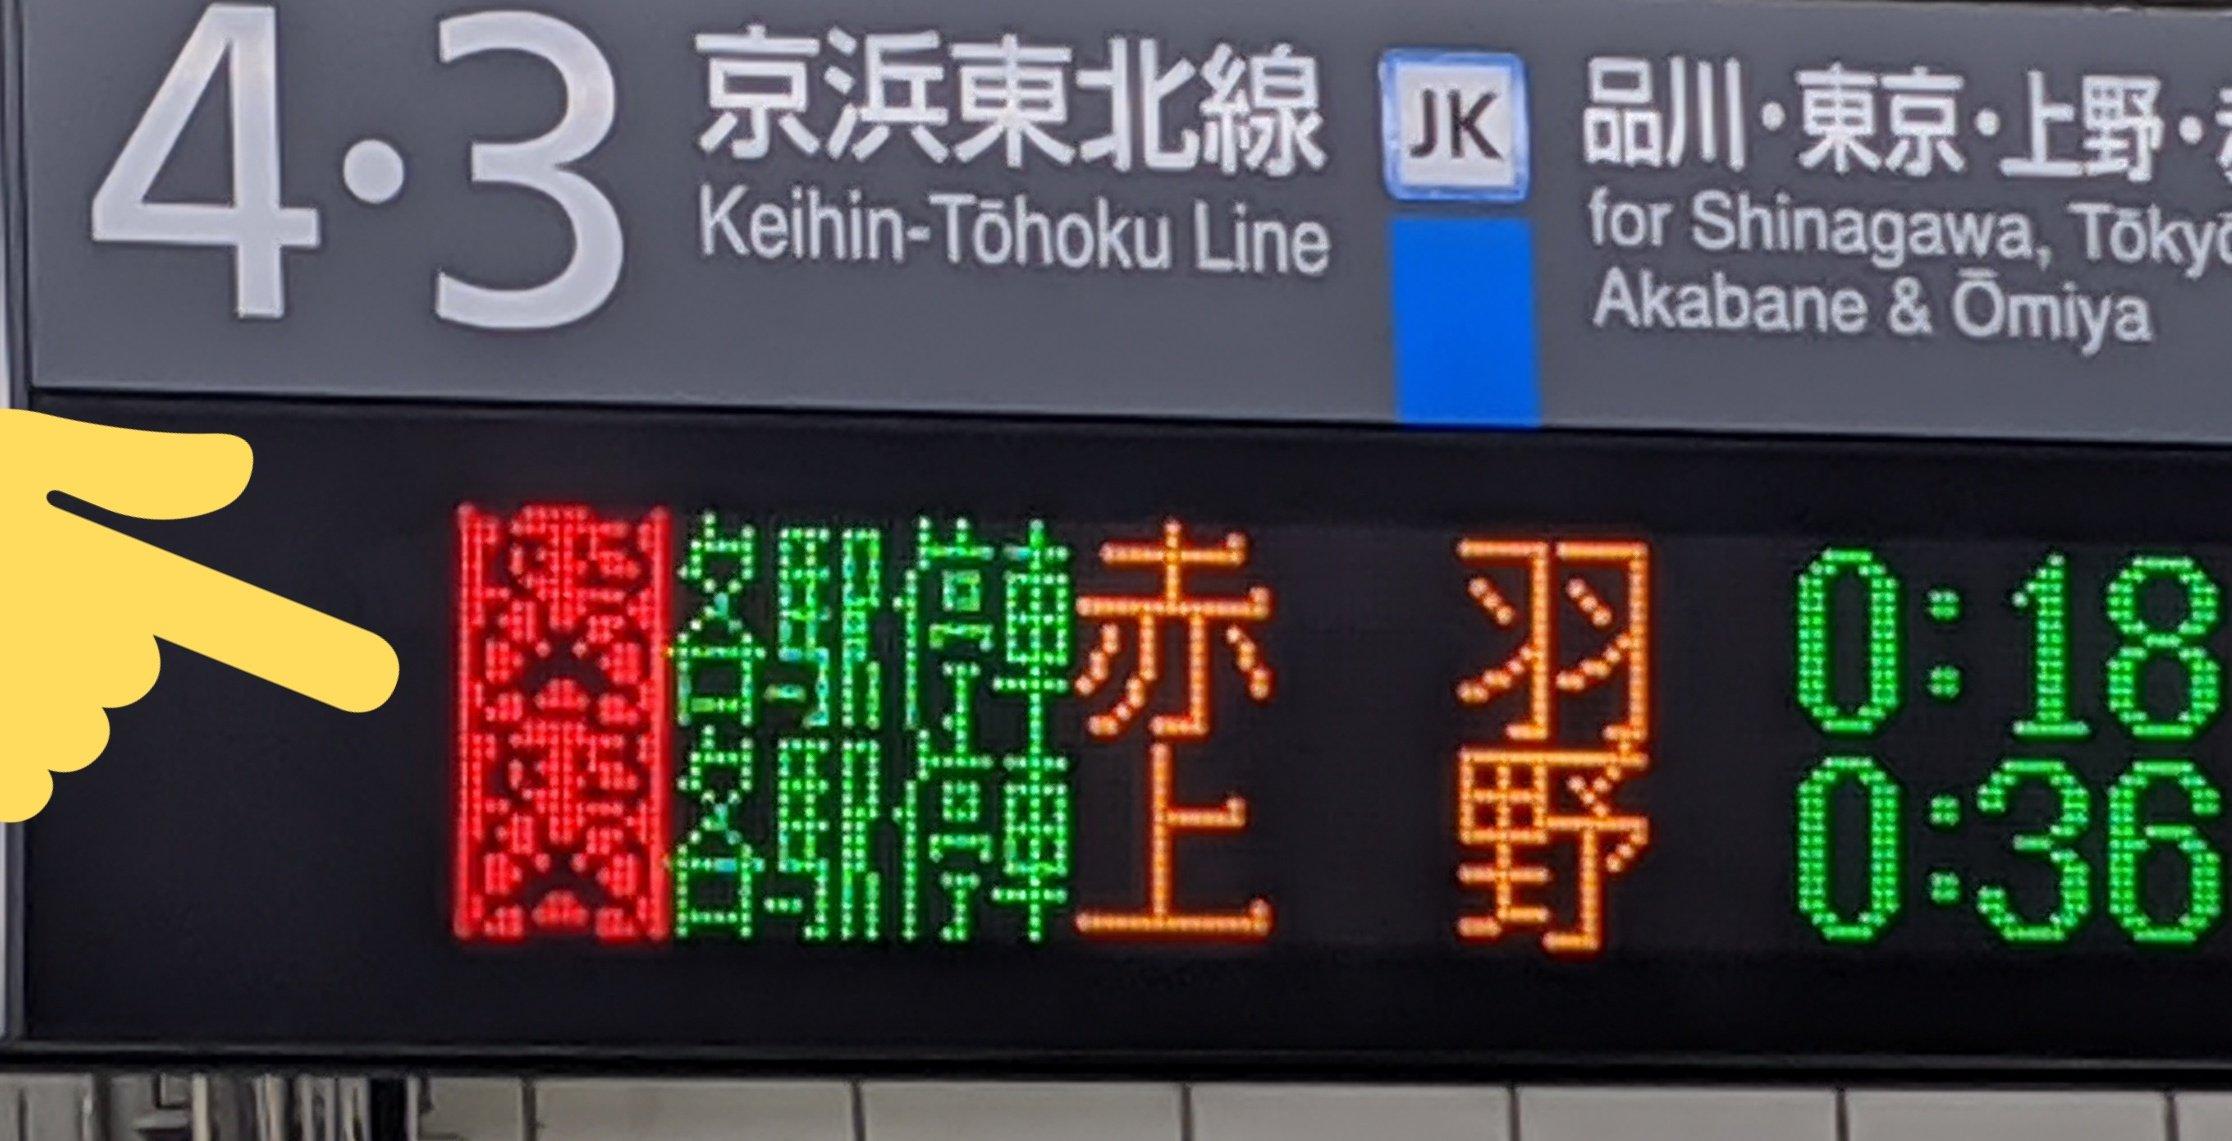 【珍事】京浜東北線の発車標にマリオの姿が 一体なぜ